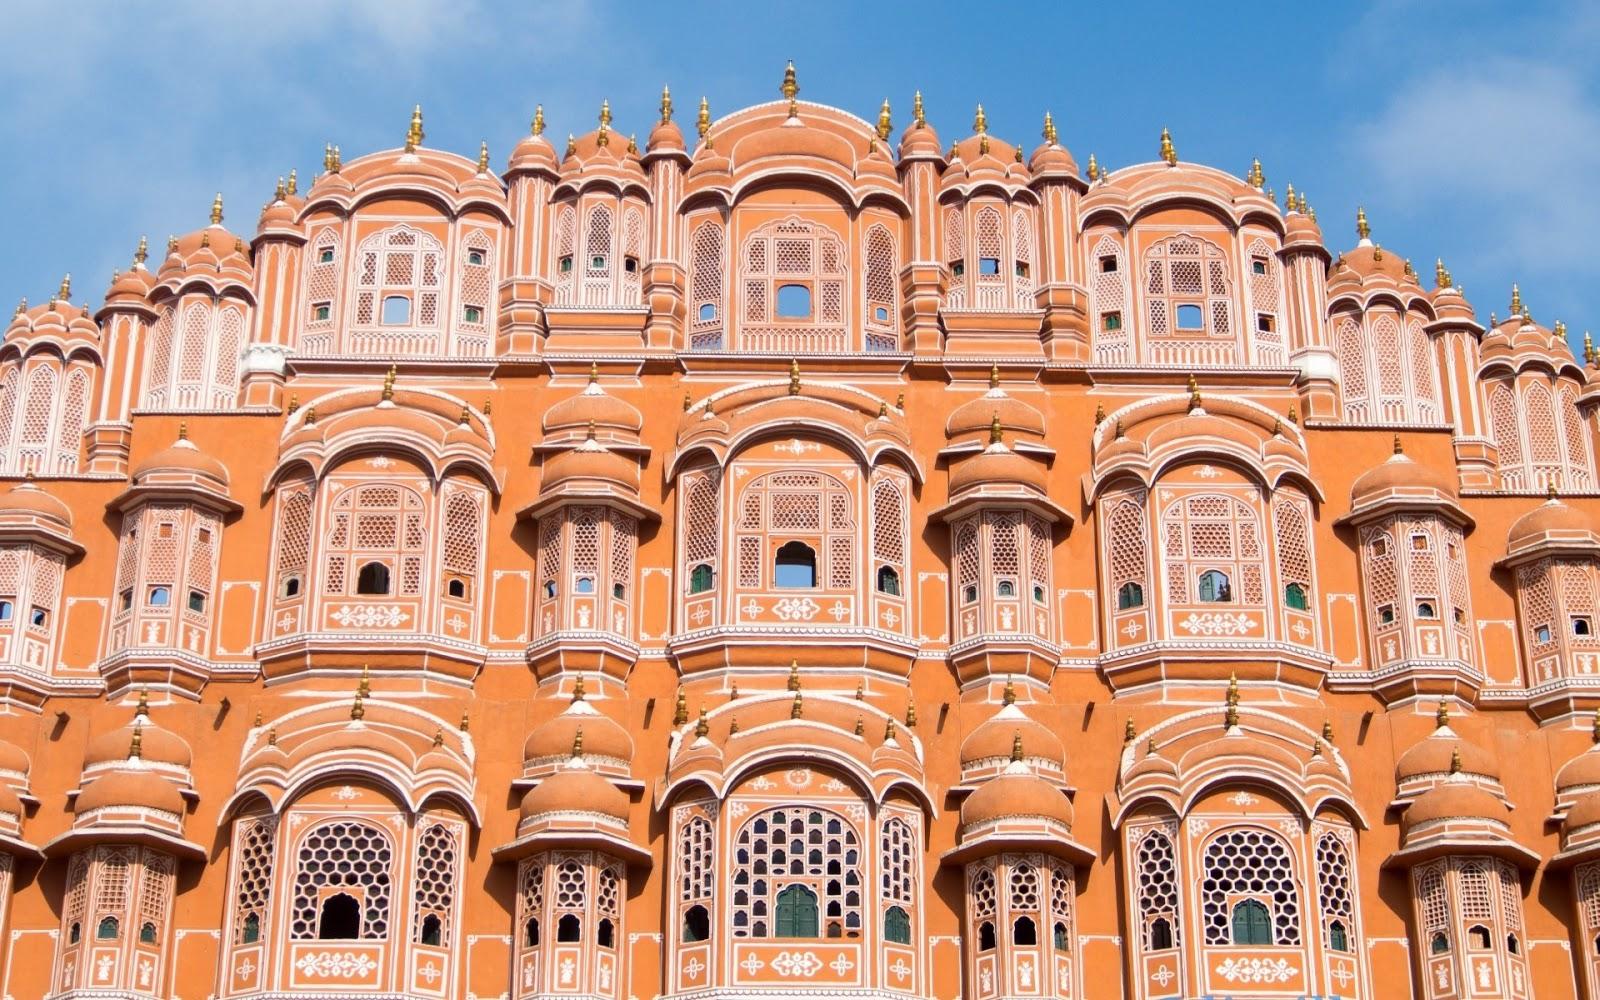 Hawa Mahal Hd Images: History Of Hawa Mahal In Hindi